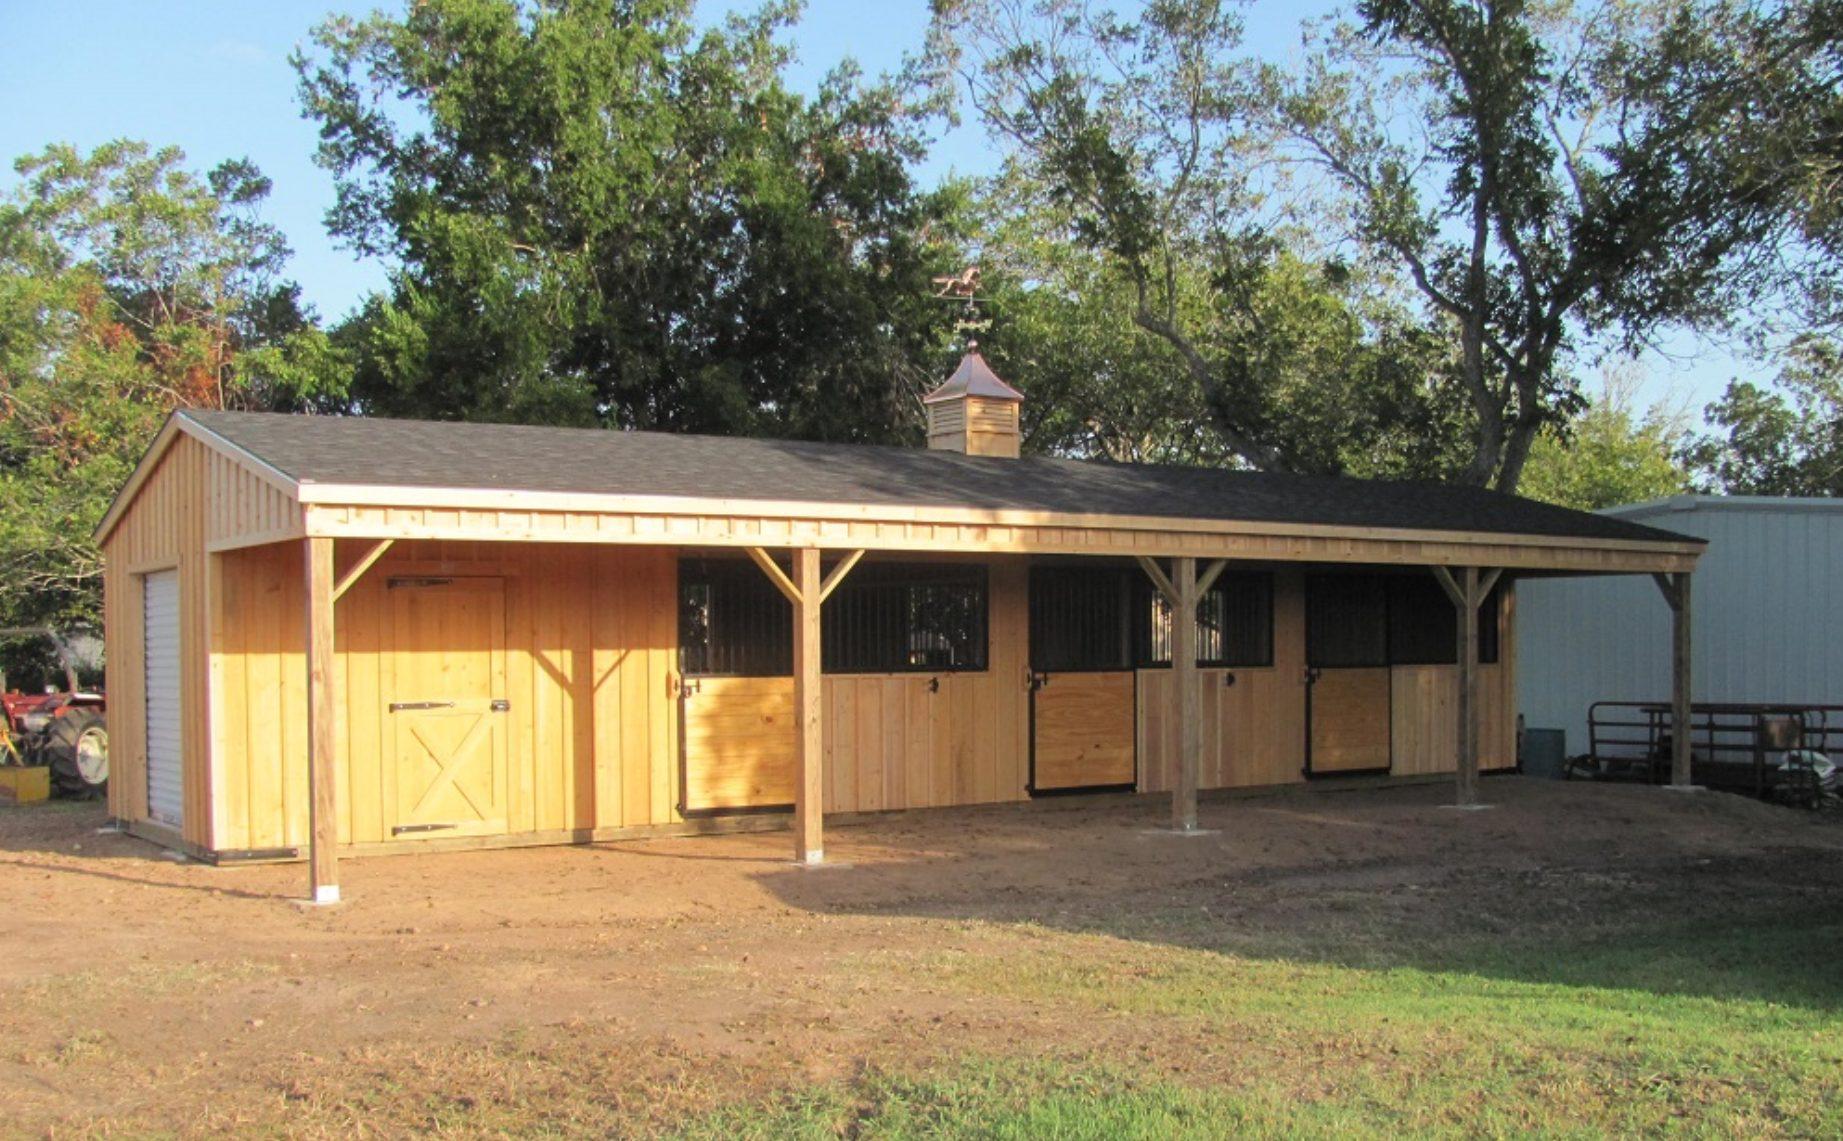 Custom-Built Portable Barns in Lott, TX